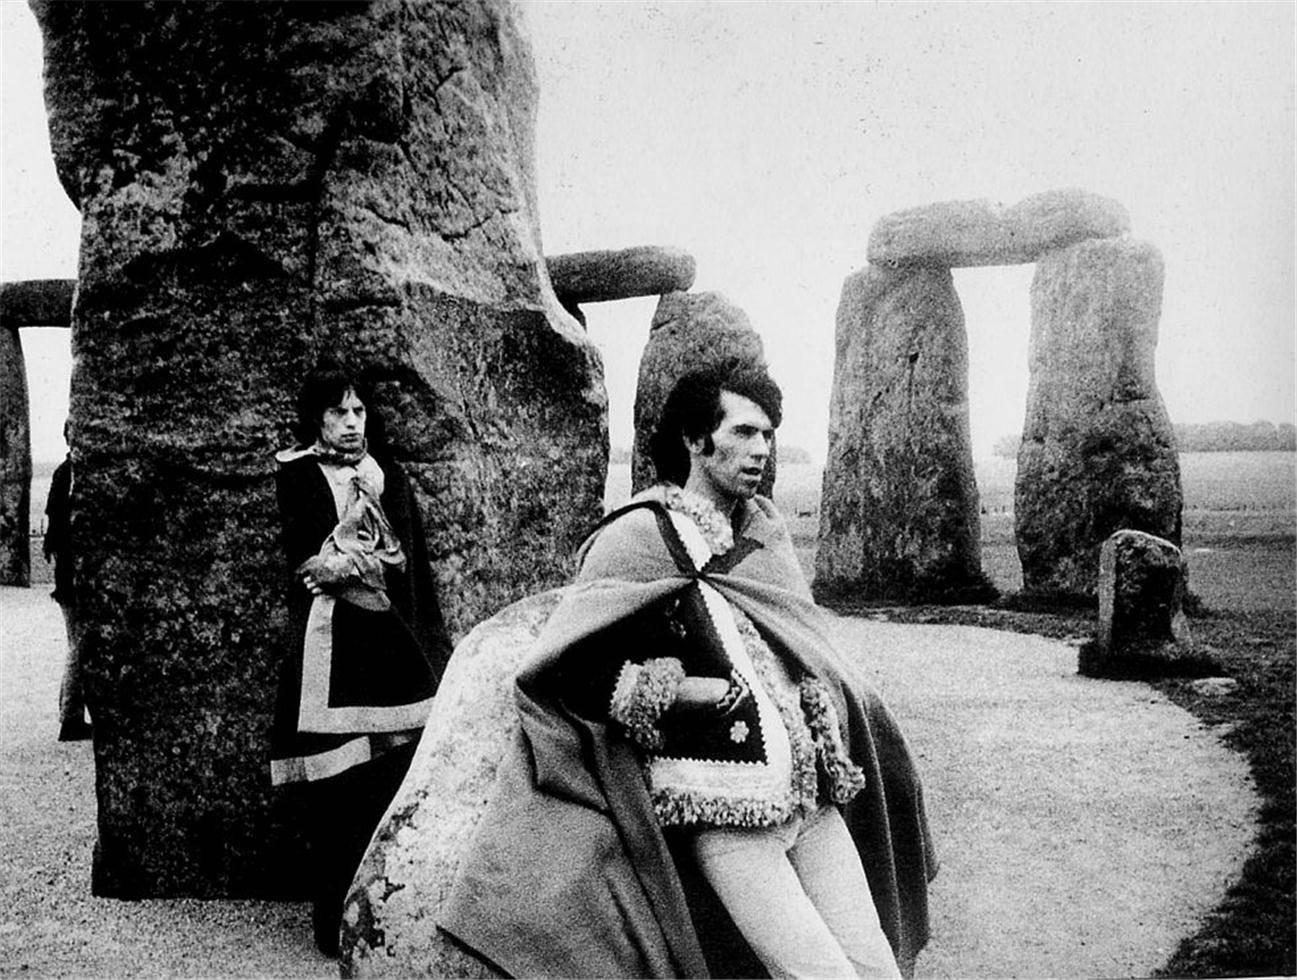 Keith Richards & Mick Jagger at Stonehenge, 1967